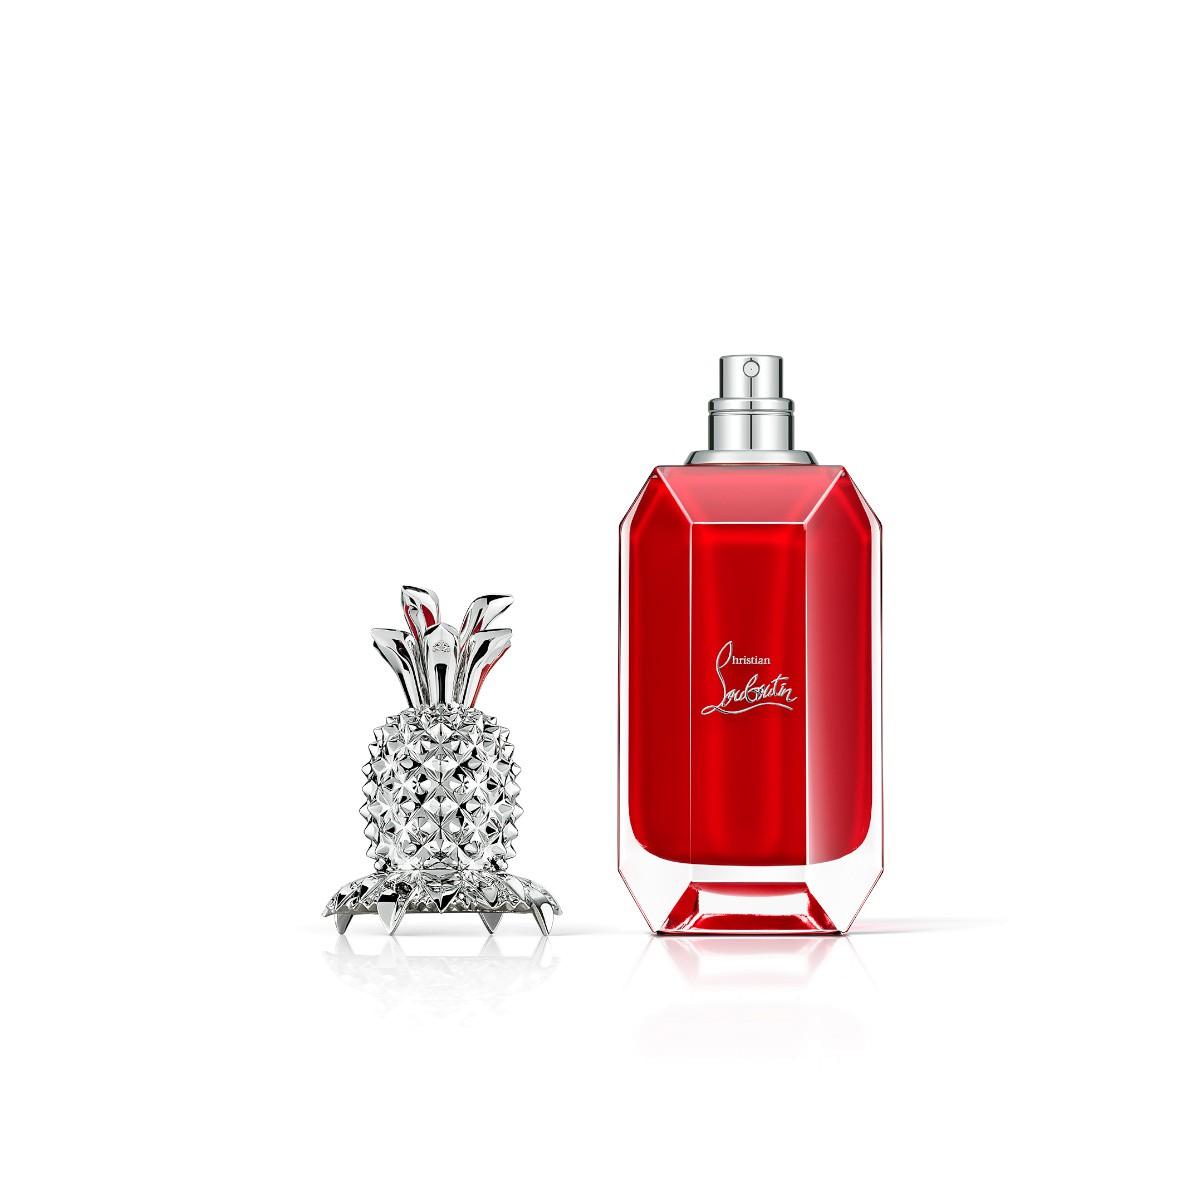 Beauty - Loubifunk Eau De Parfum - Christian Louboutin